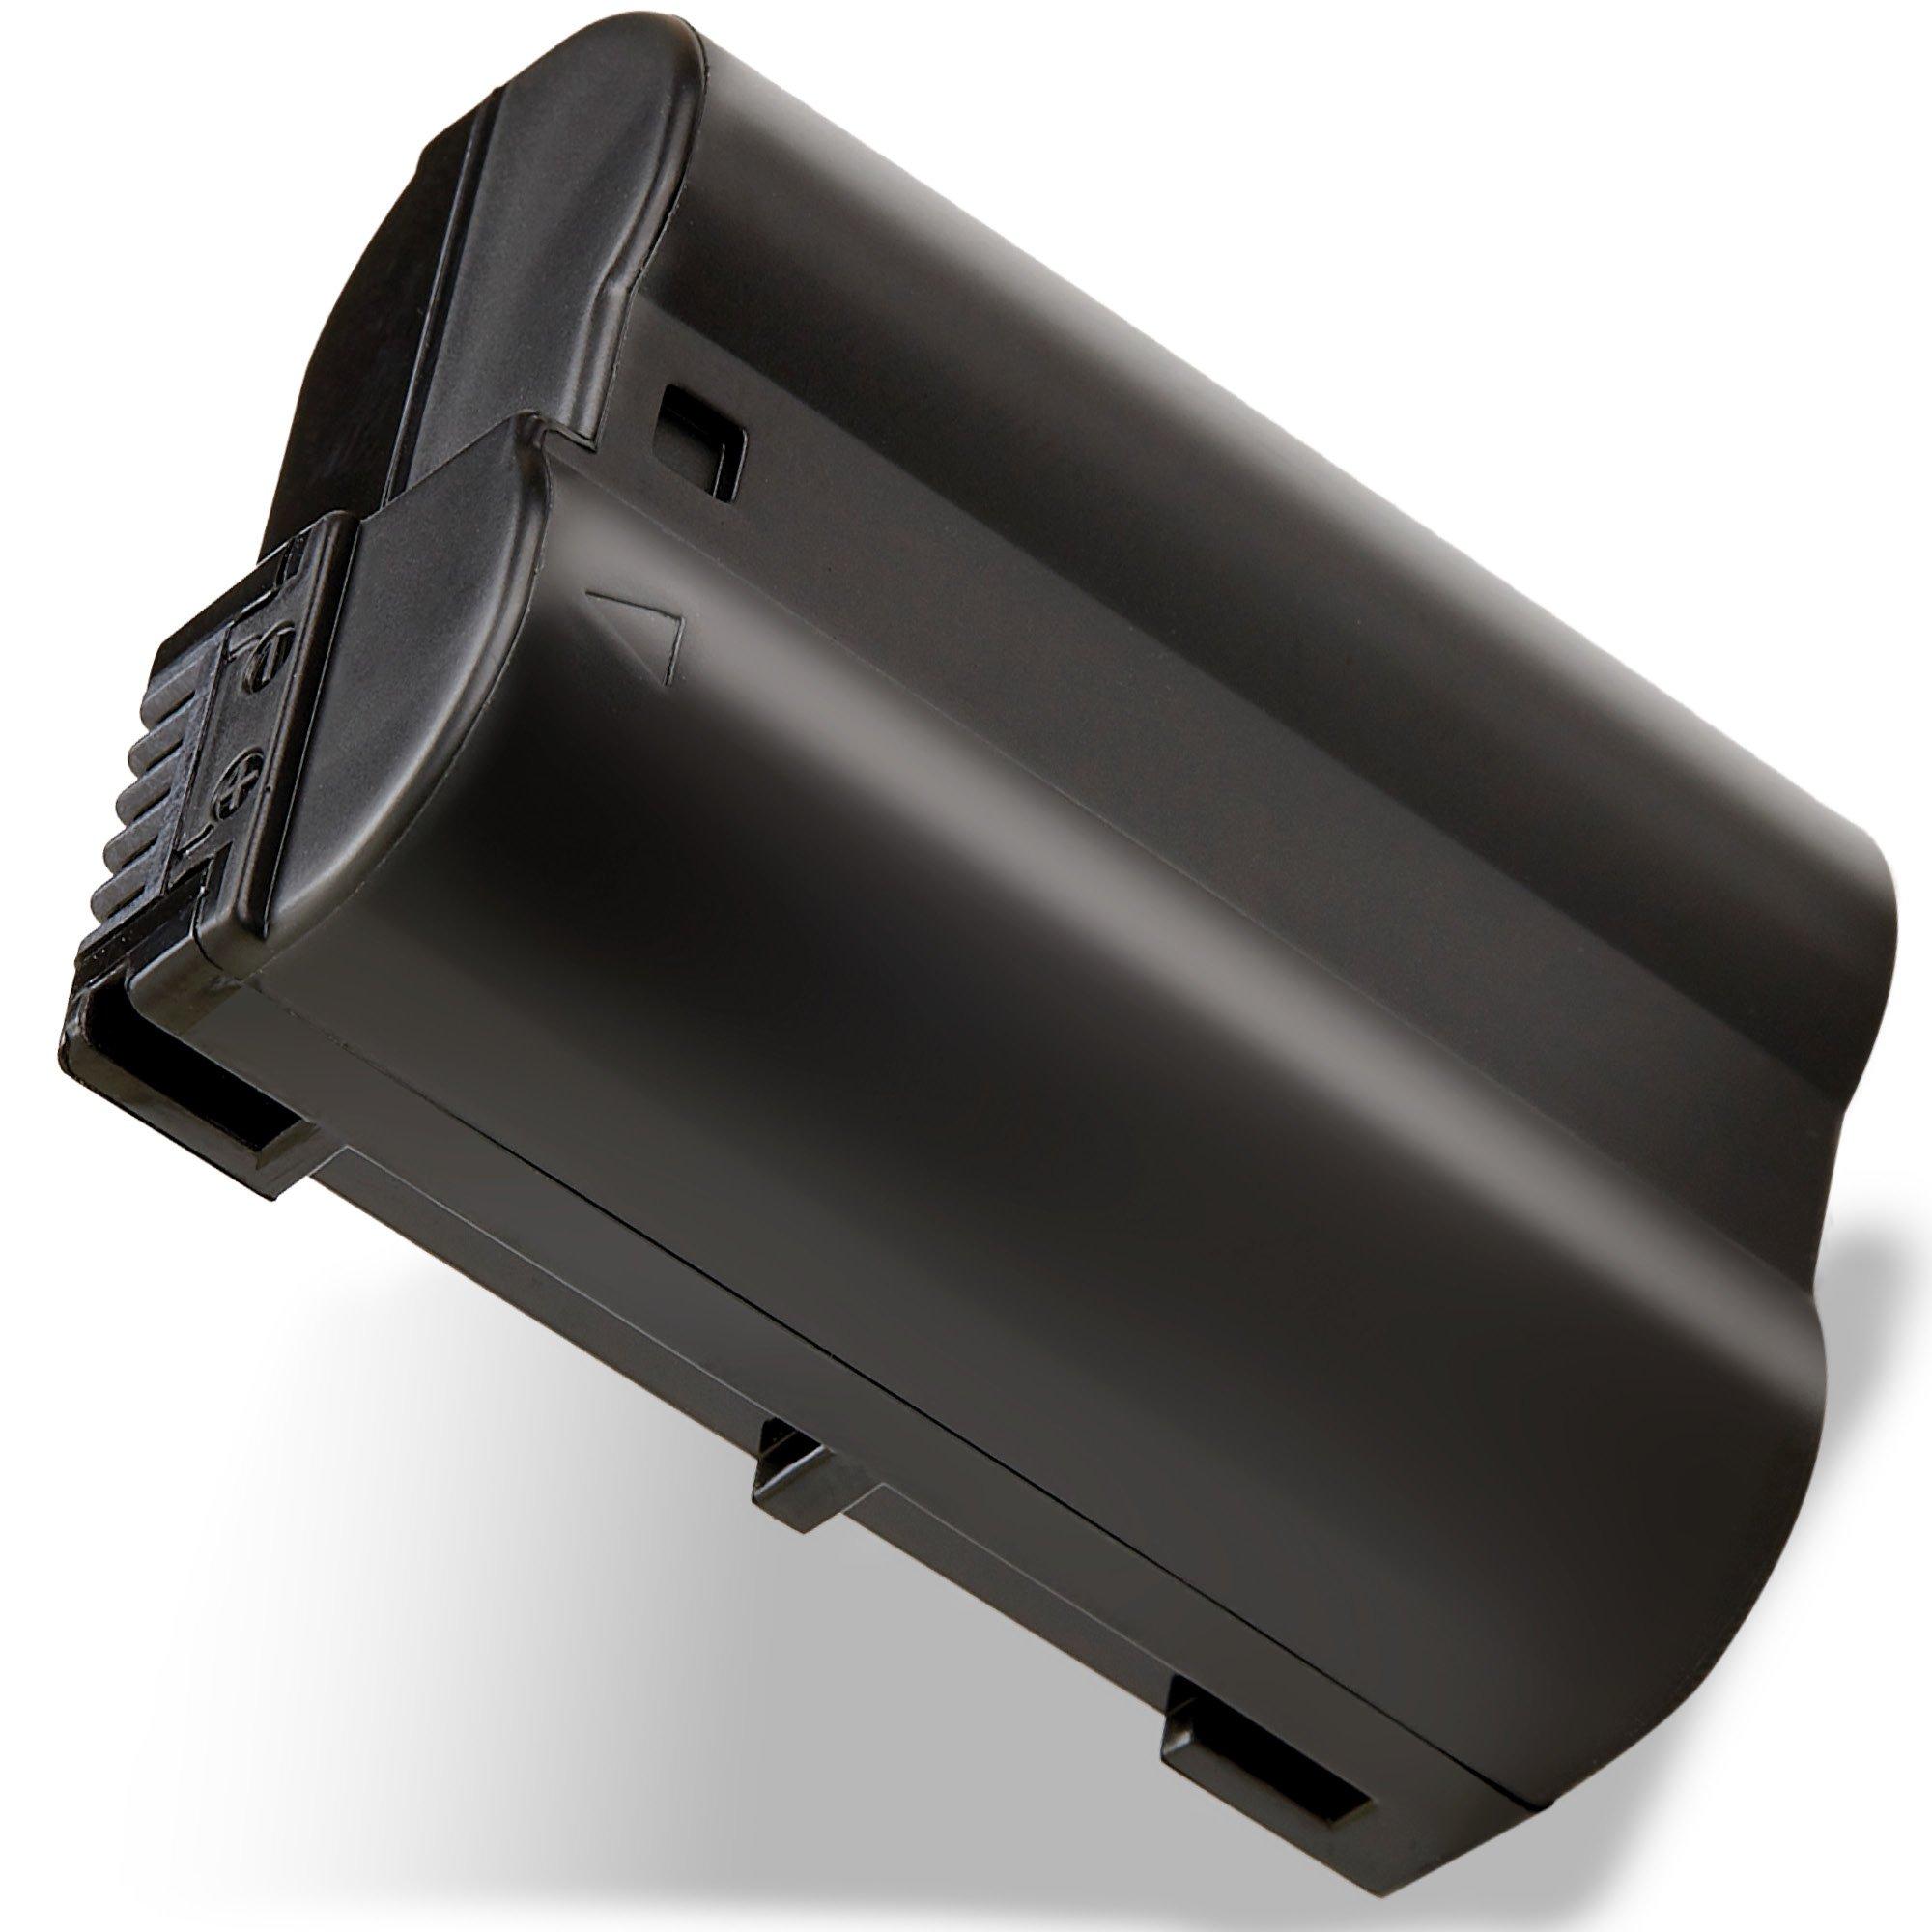 BM Premium EN-EL15 Battery for Nikon D850, D7500, 1 V1, D500, D600, D610, D750, D800, D800E, D810, D810A, D7000, D7100, D7200 Digital SLR Camera